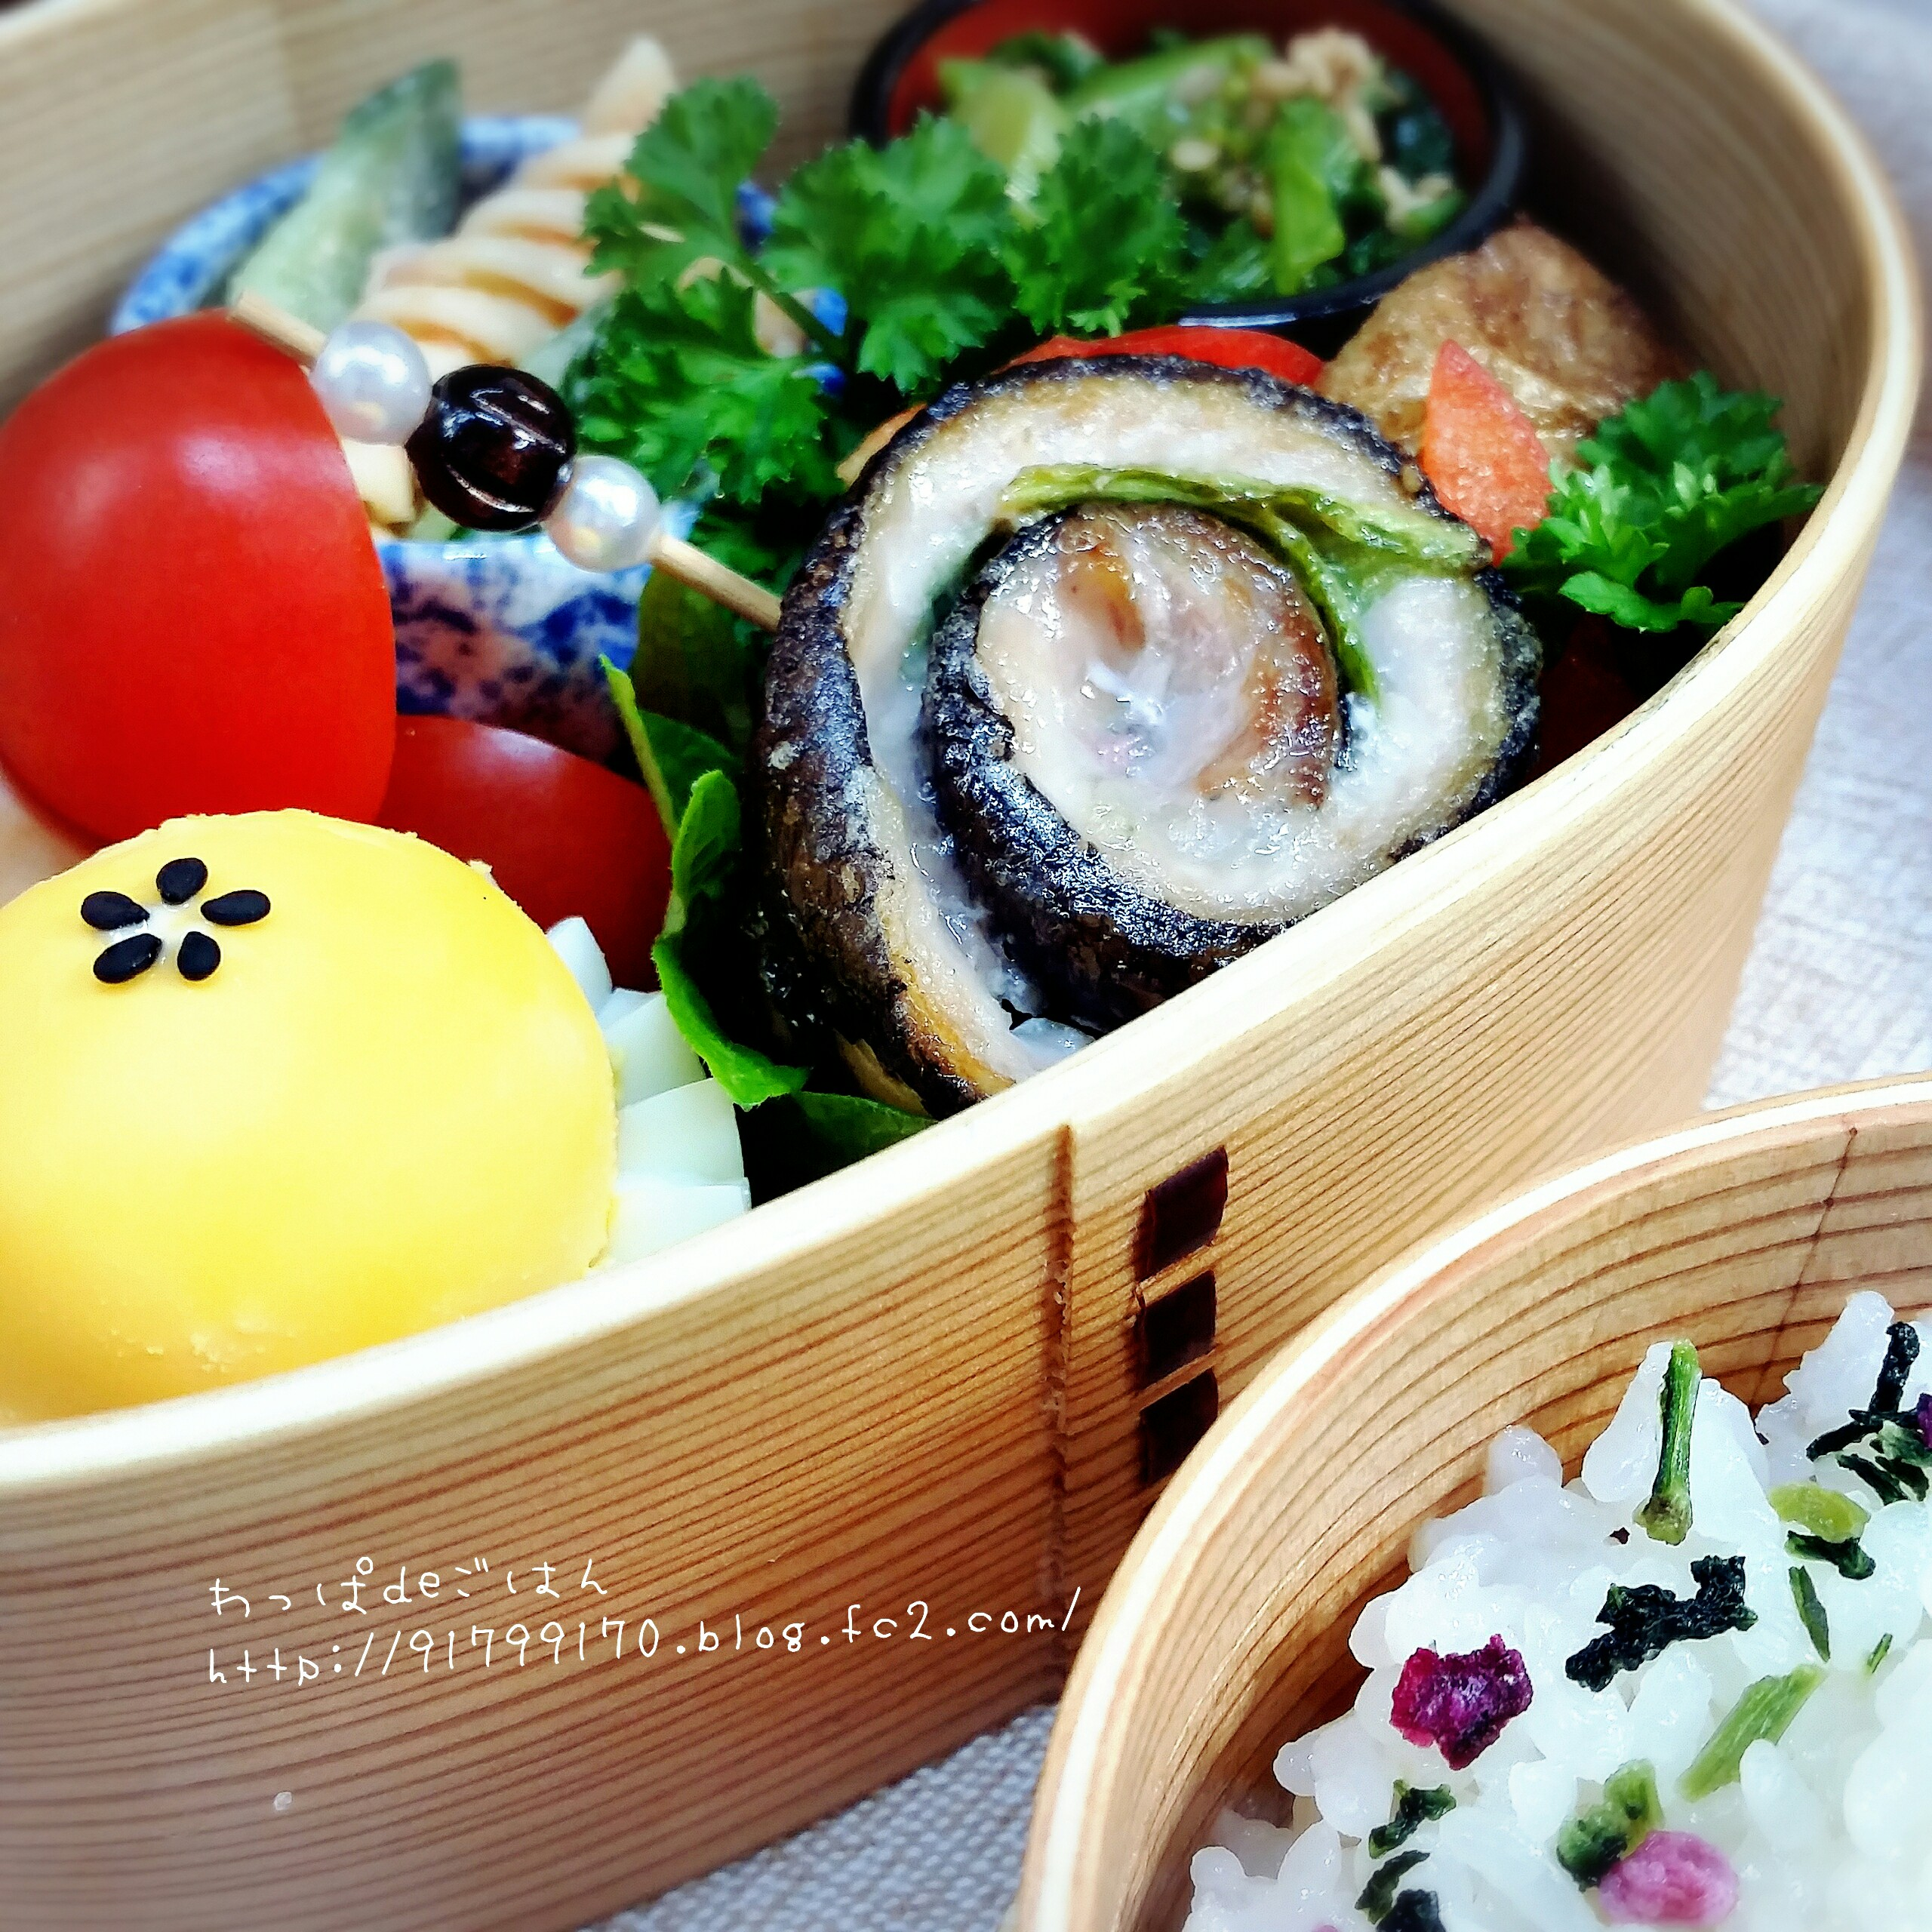 秋刀魚の梅紫蘇巻き弁当